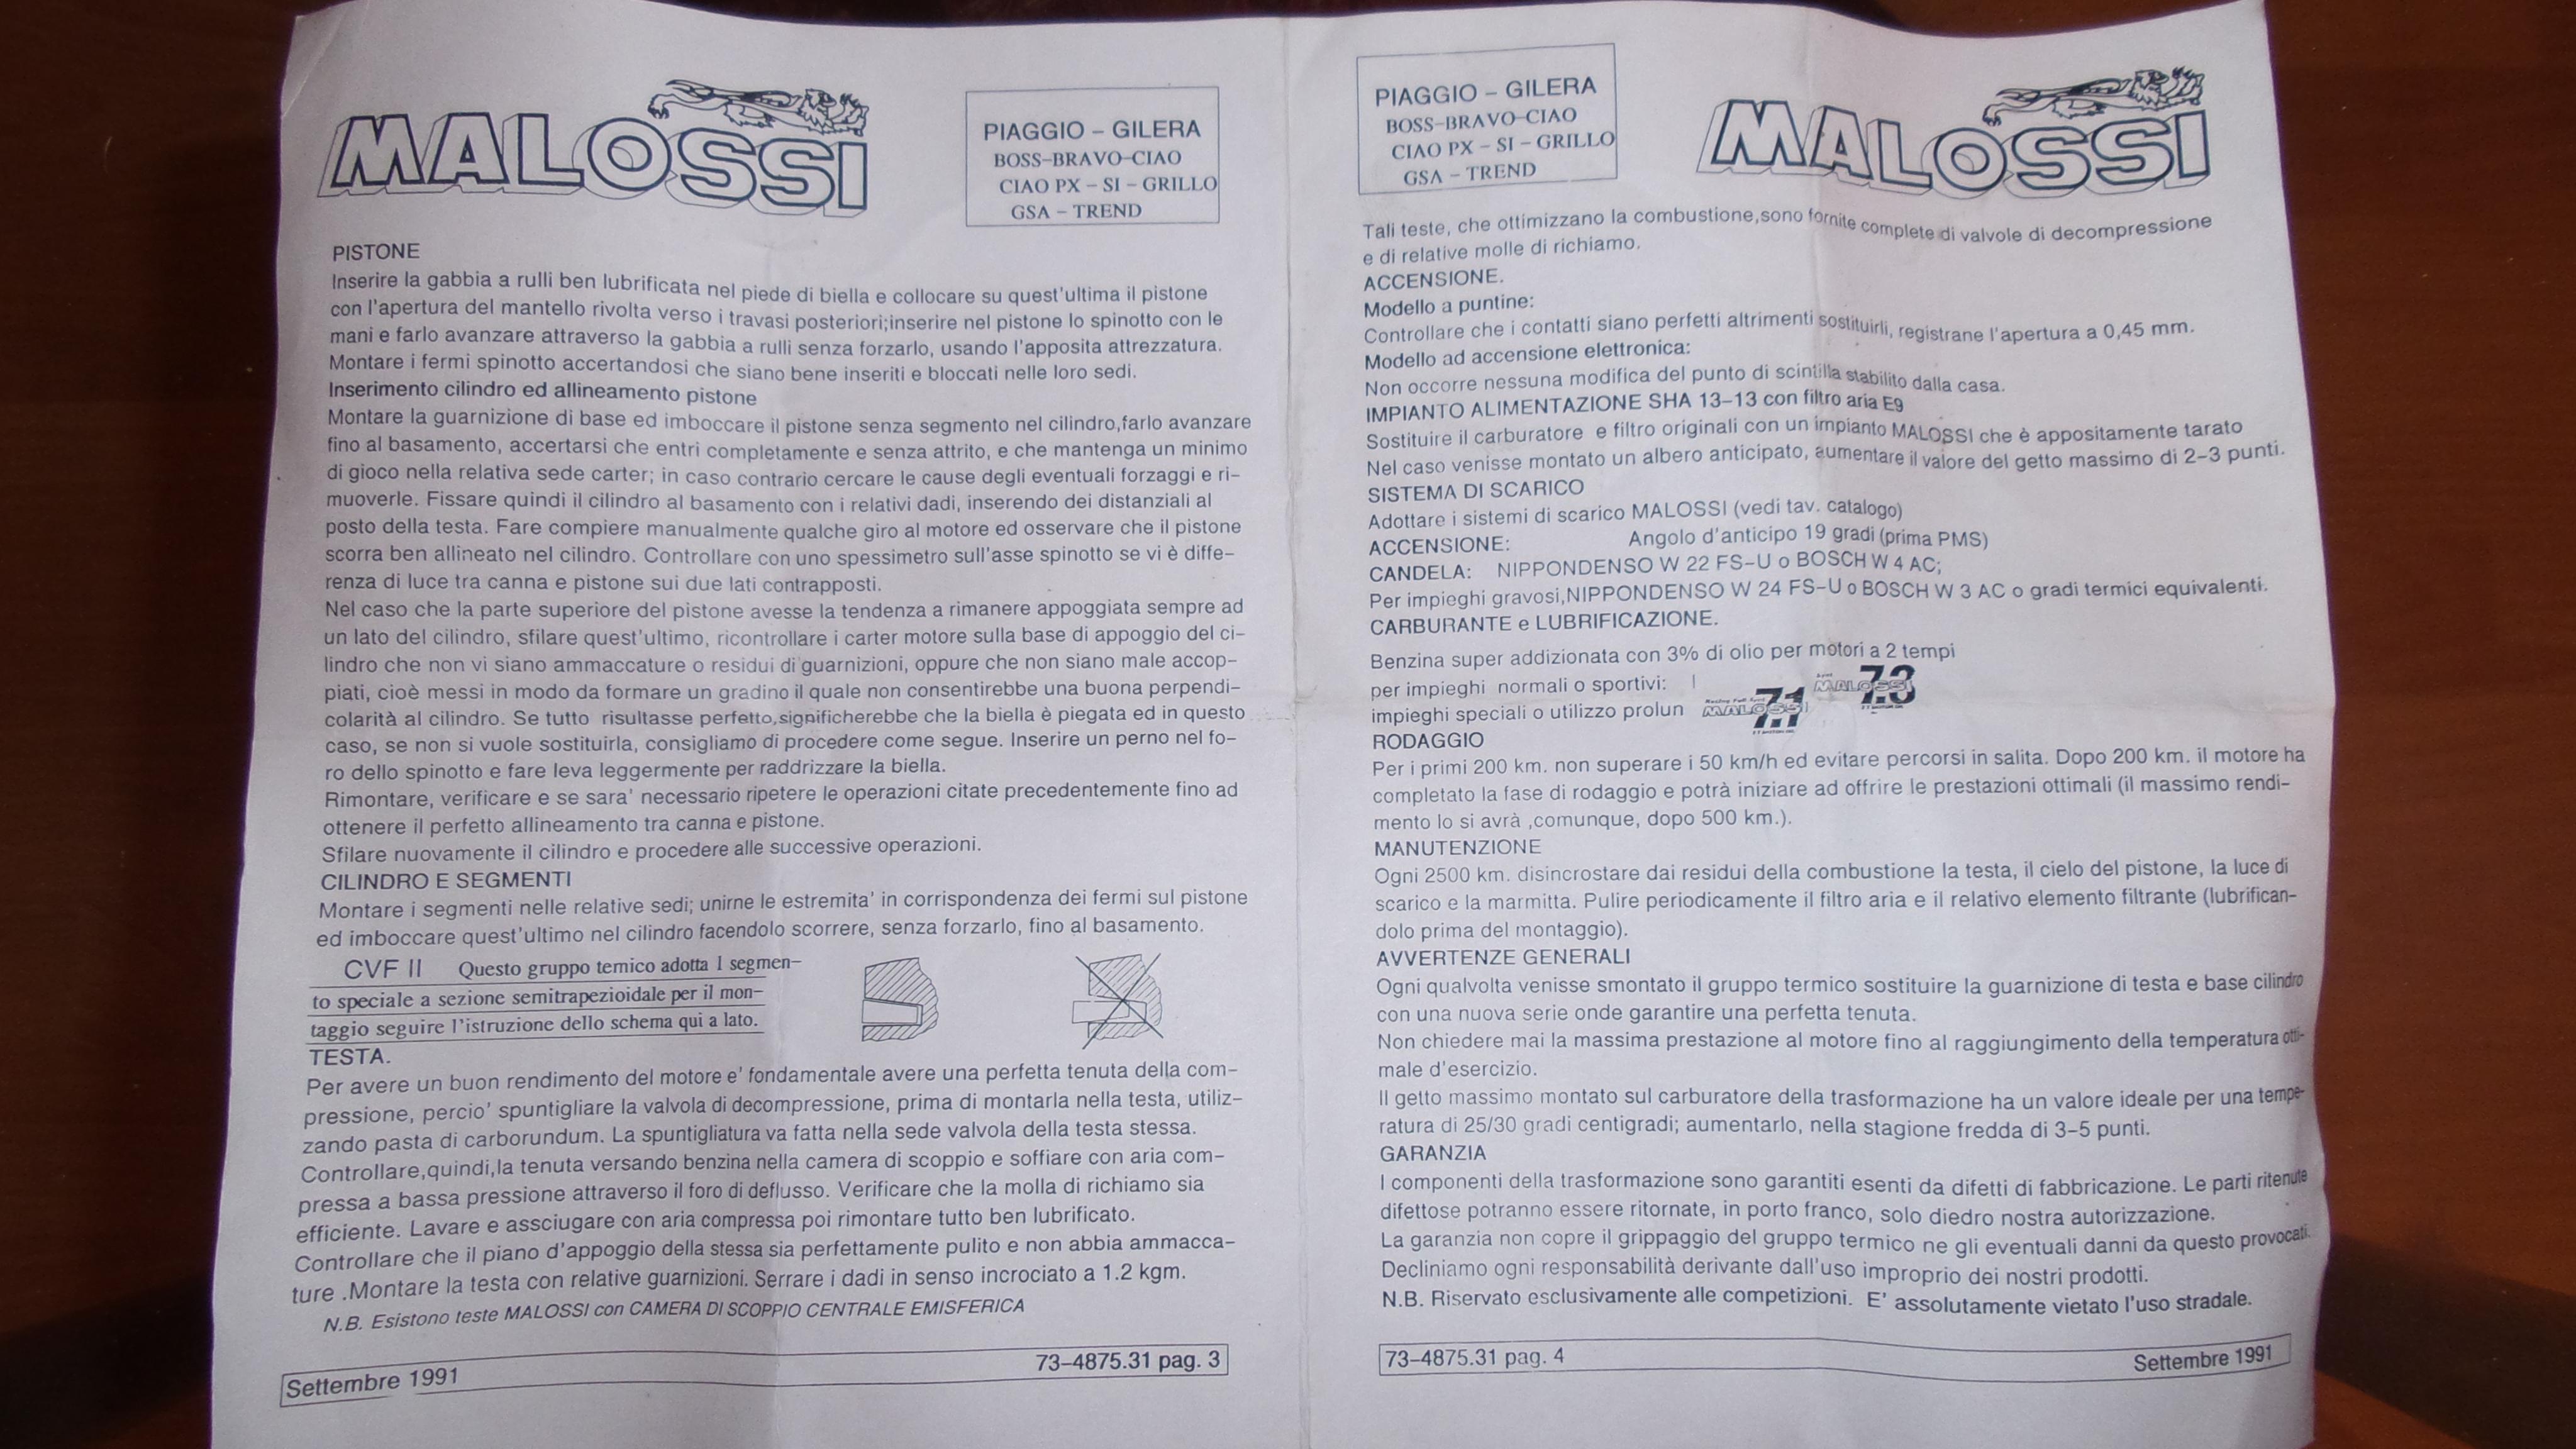 Malossi43mmBrevettatoNEW2